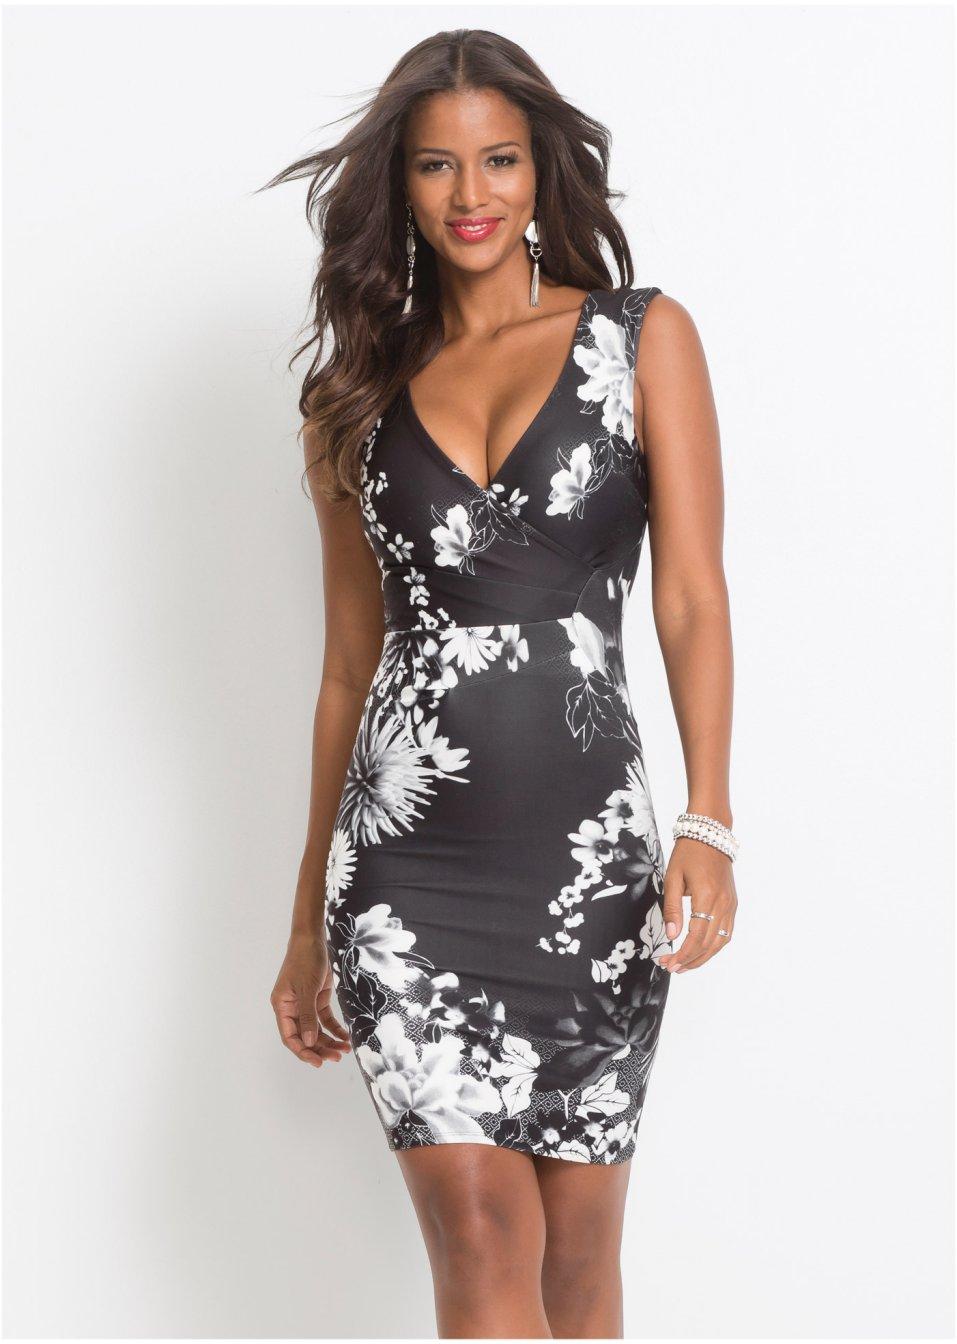 Kleid mit Blumenprint schwarz/weiß - Damen - bonprix.at